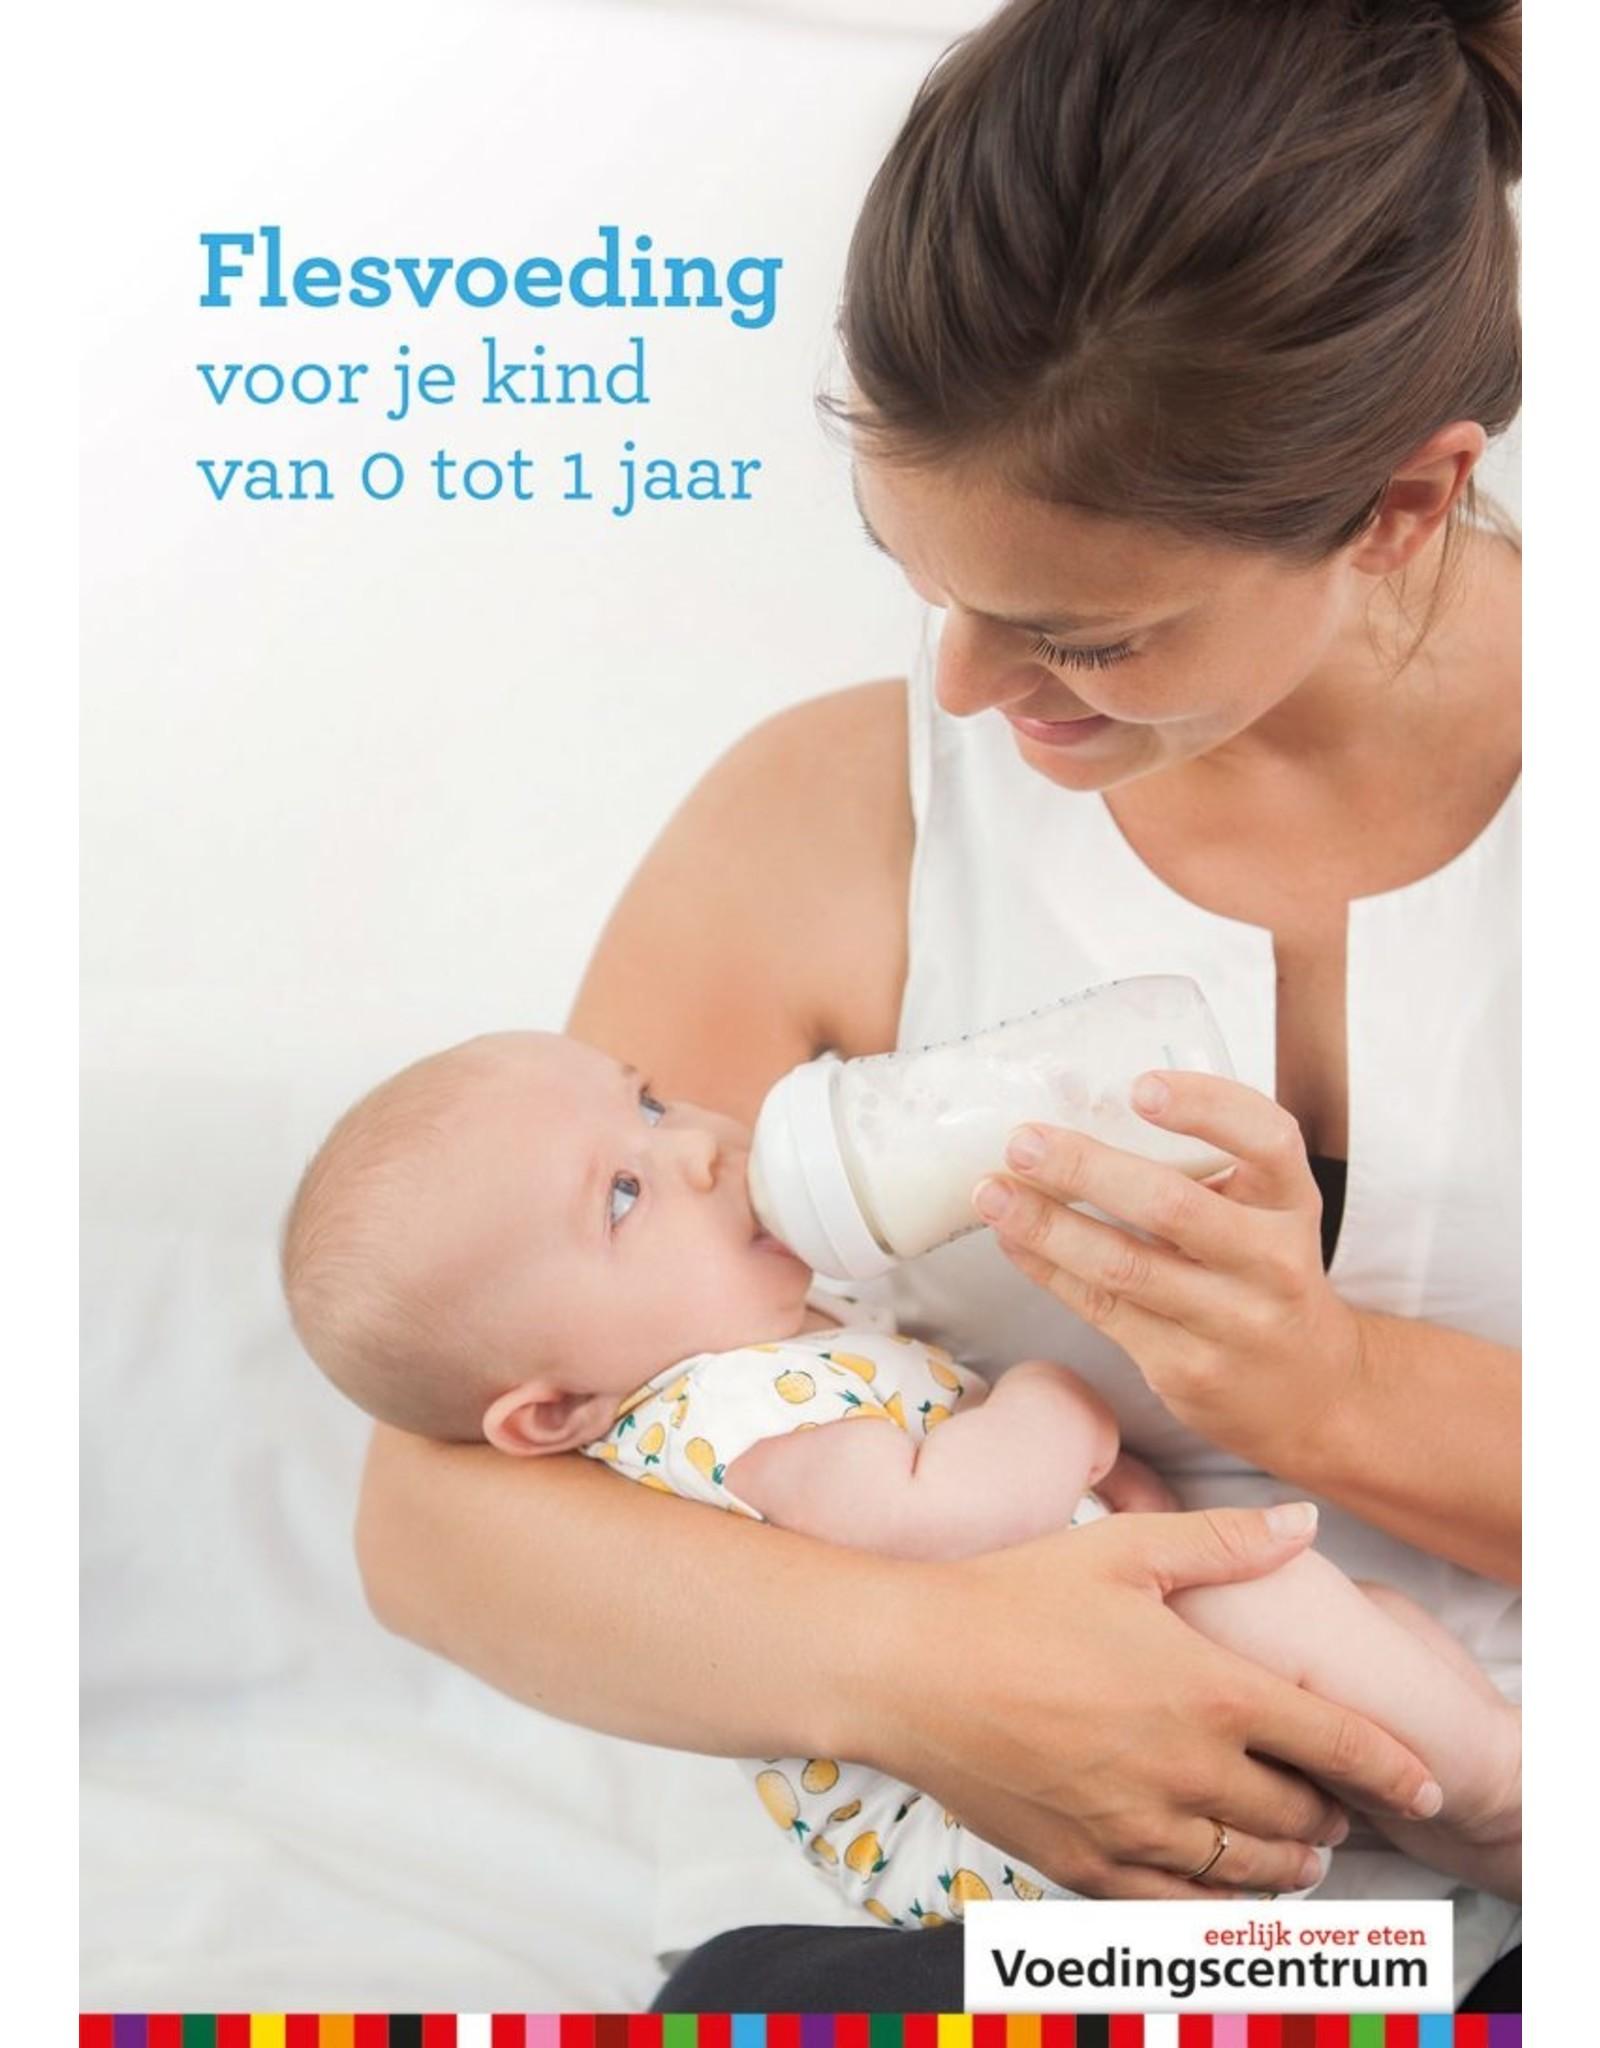 Flesvoeding - Body & Soap